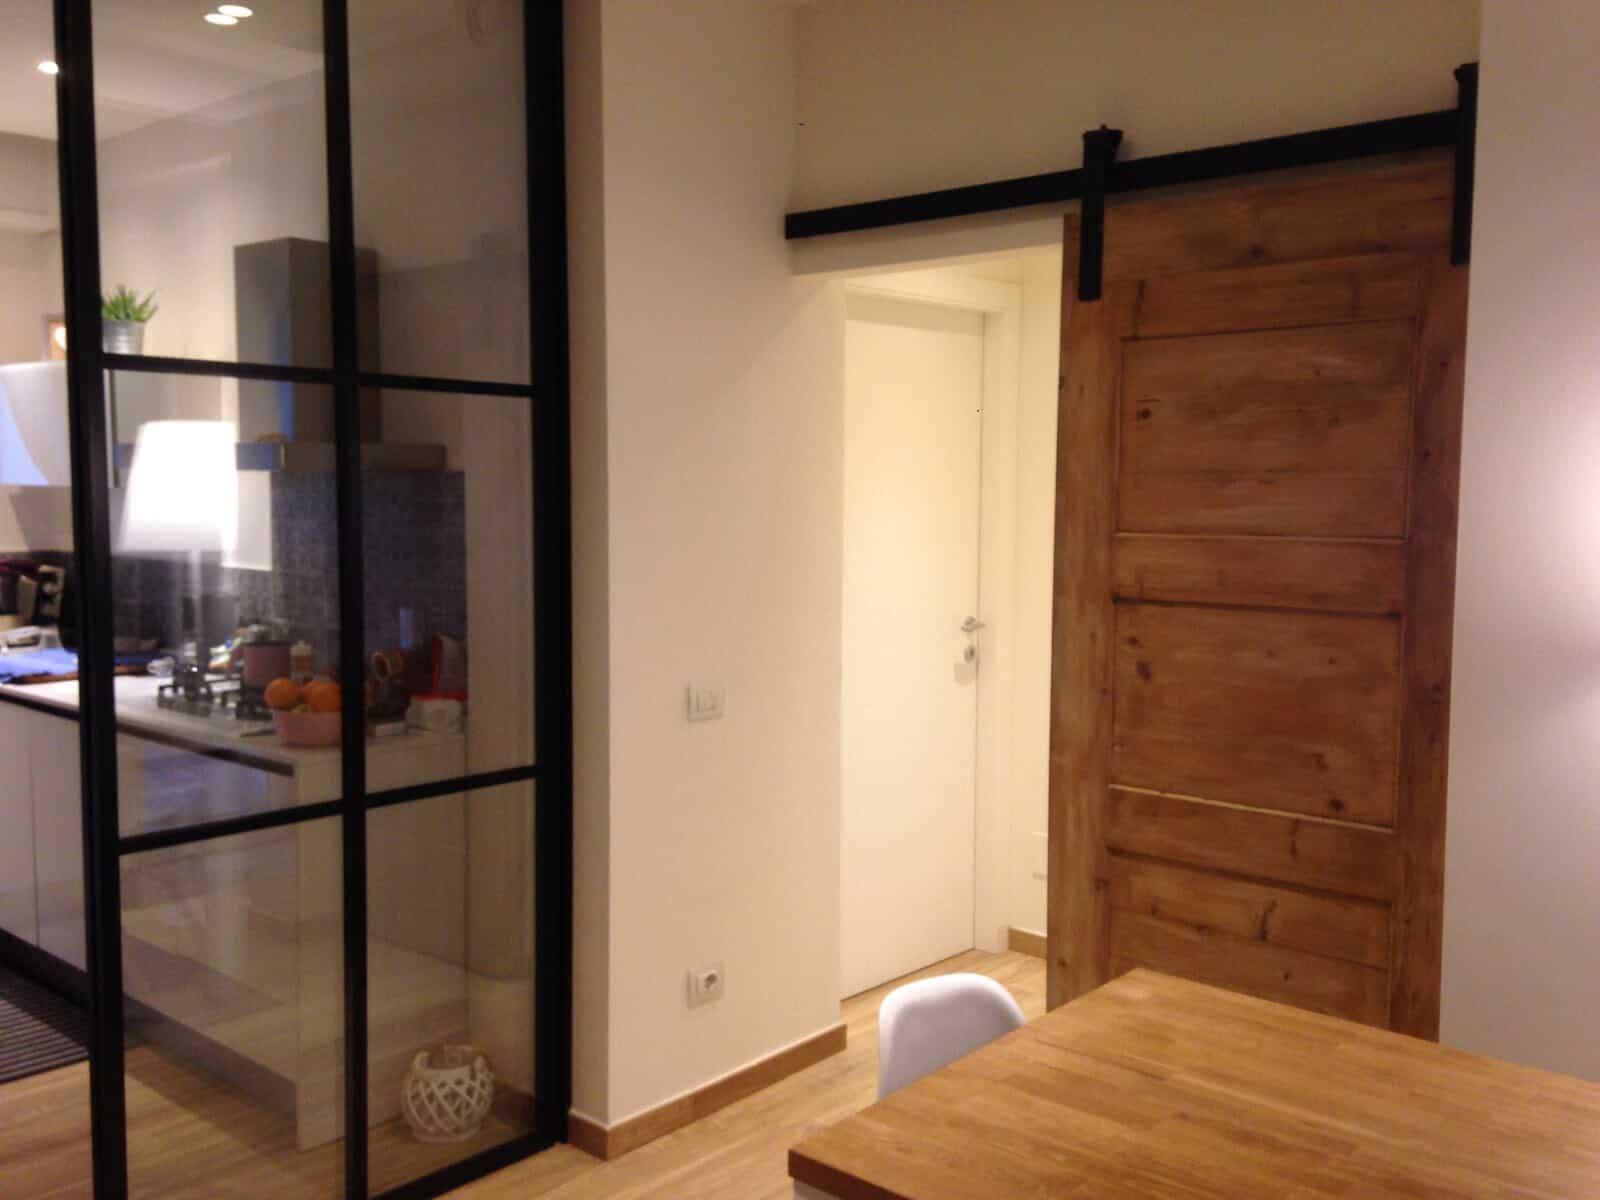 Appartamento stile industriale con porta scorrevole for Porte scorrevoli esterno muro prezzi